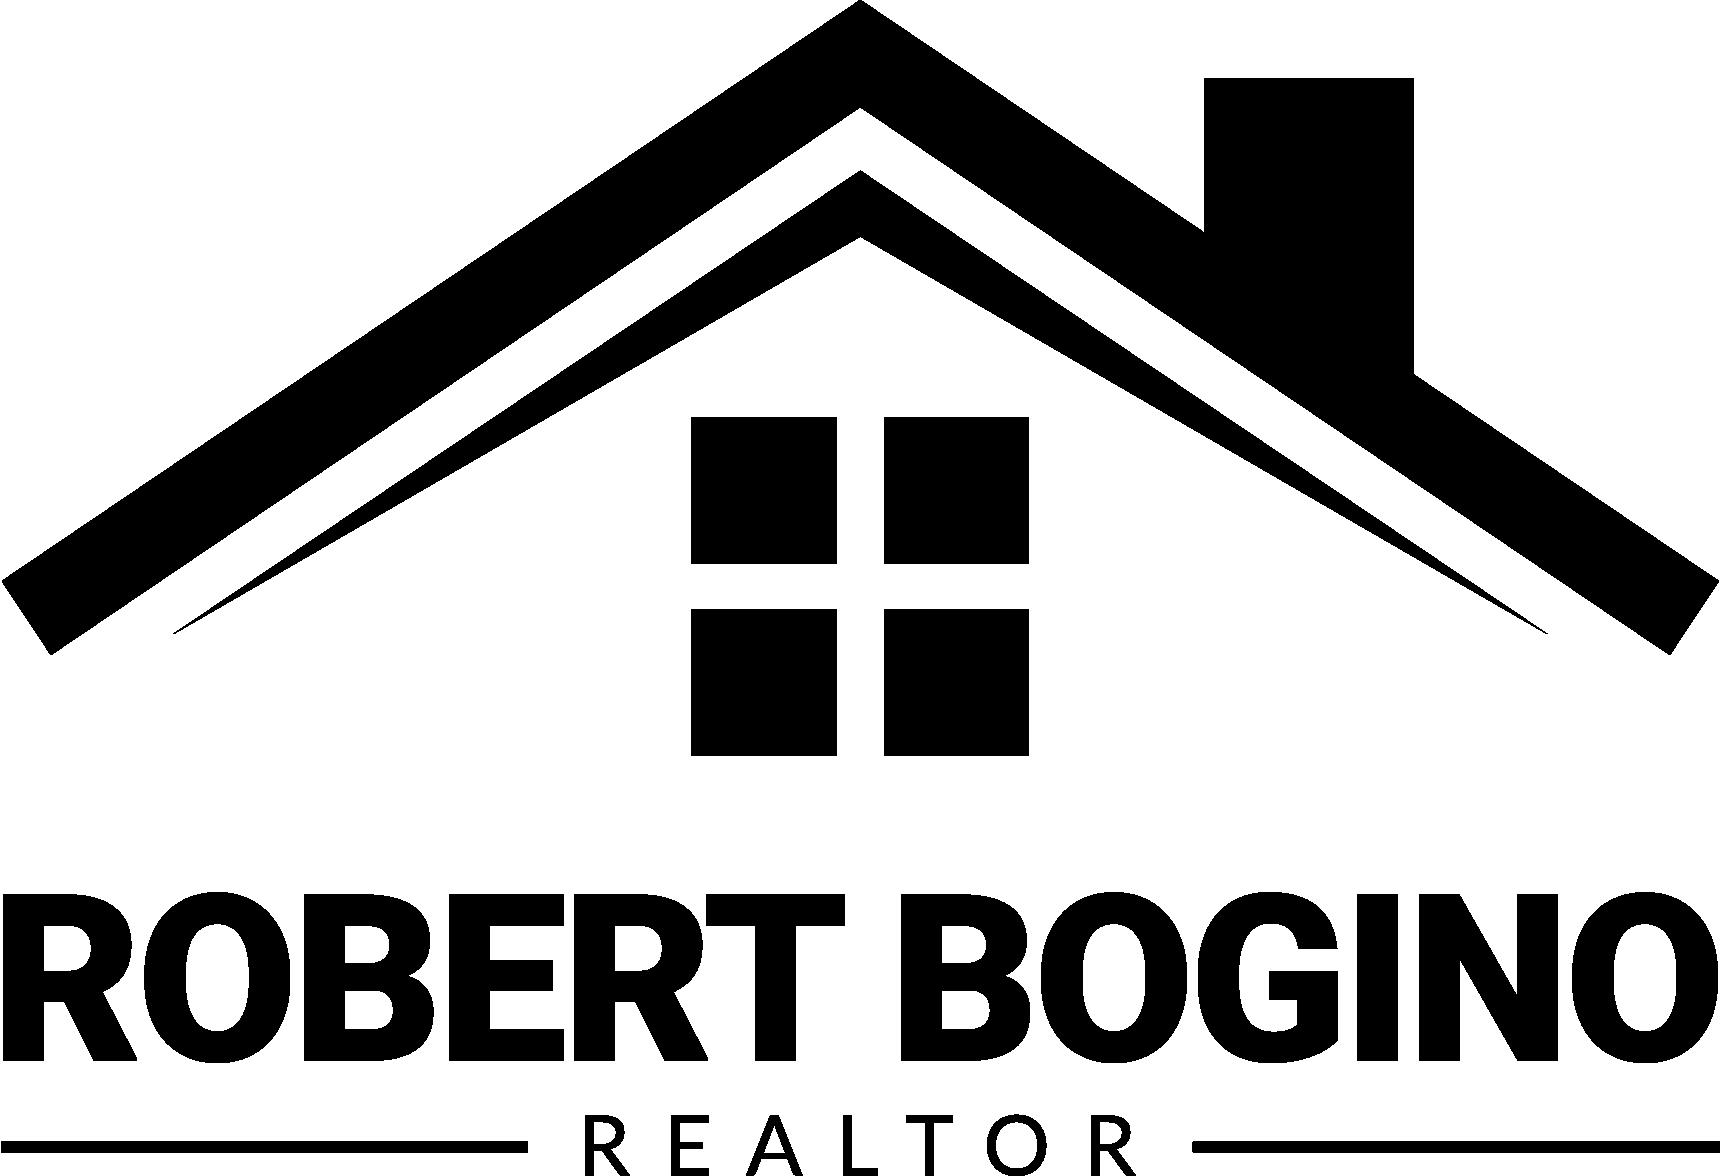 georgiasbestagent.com logo